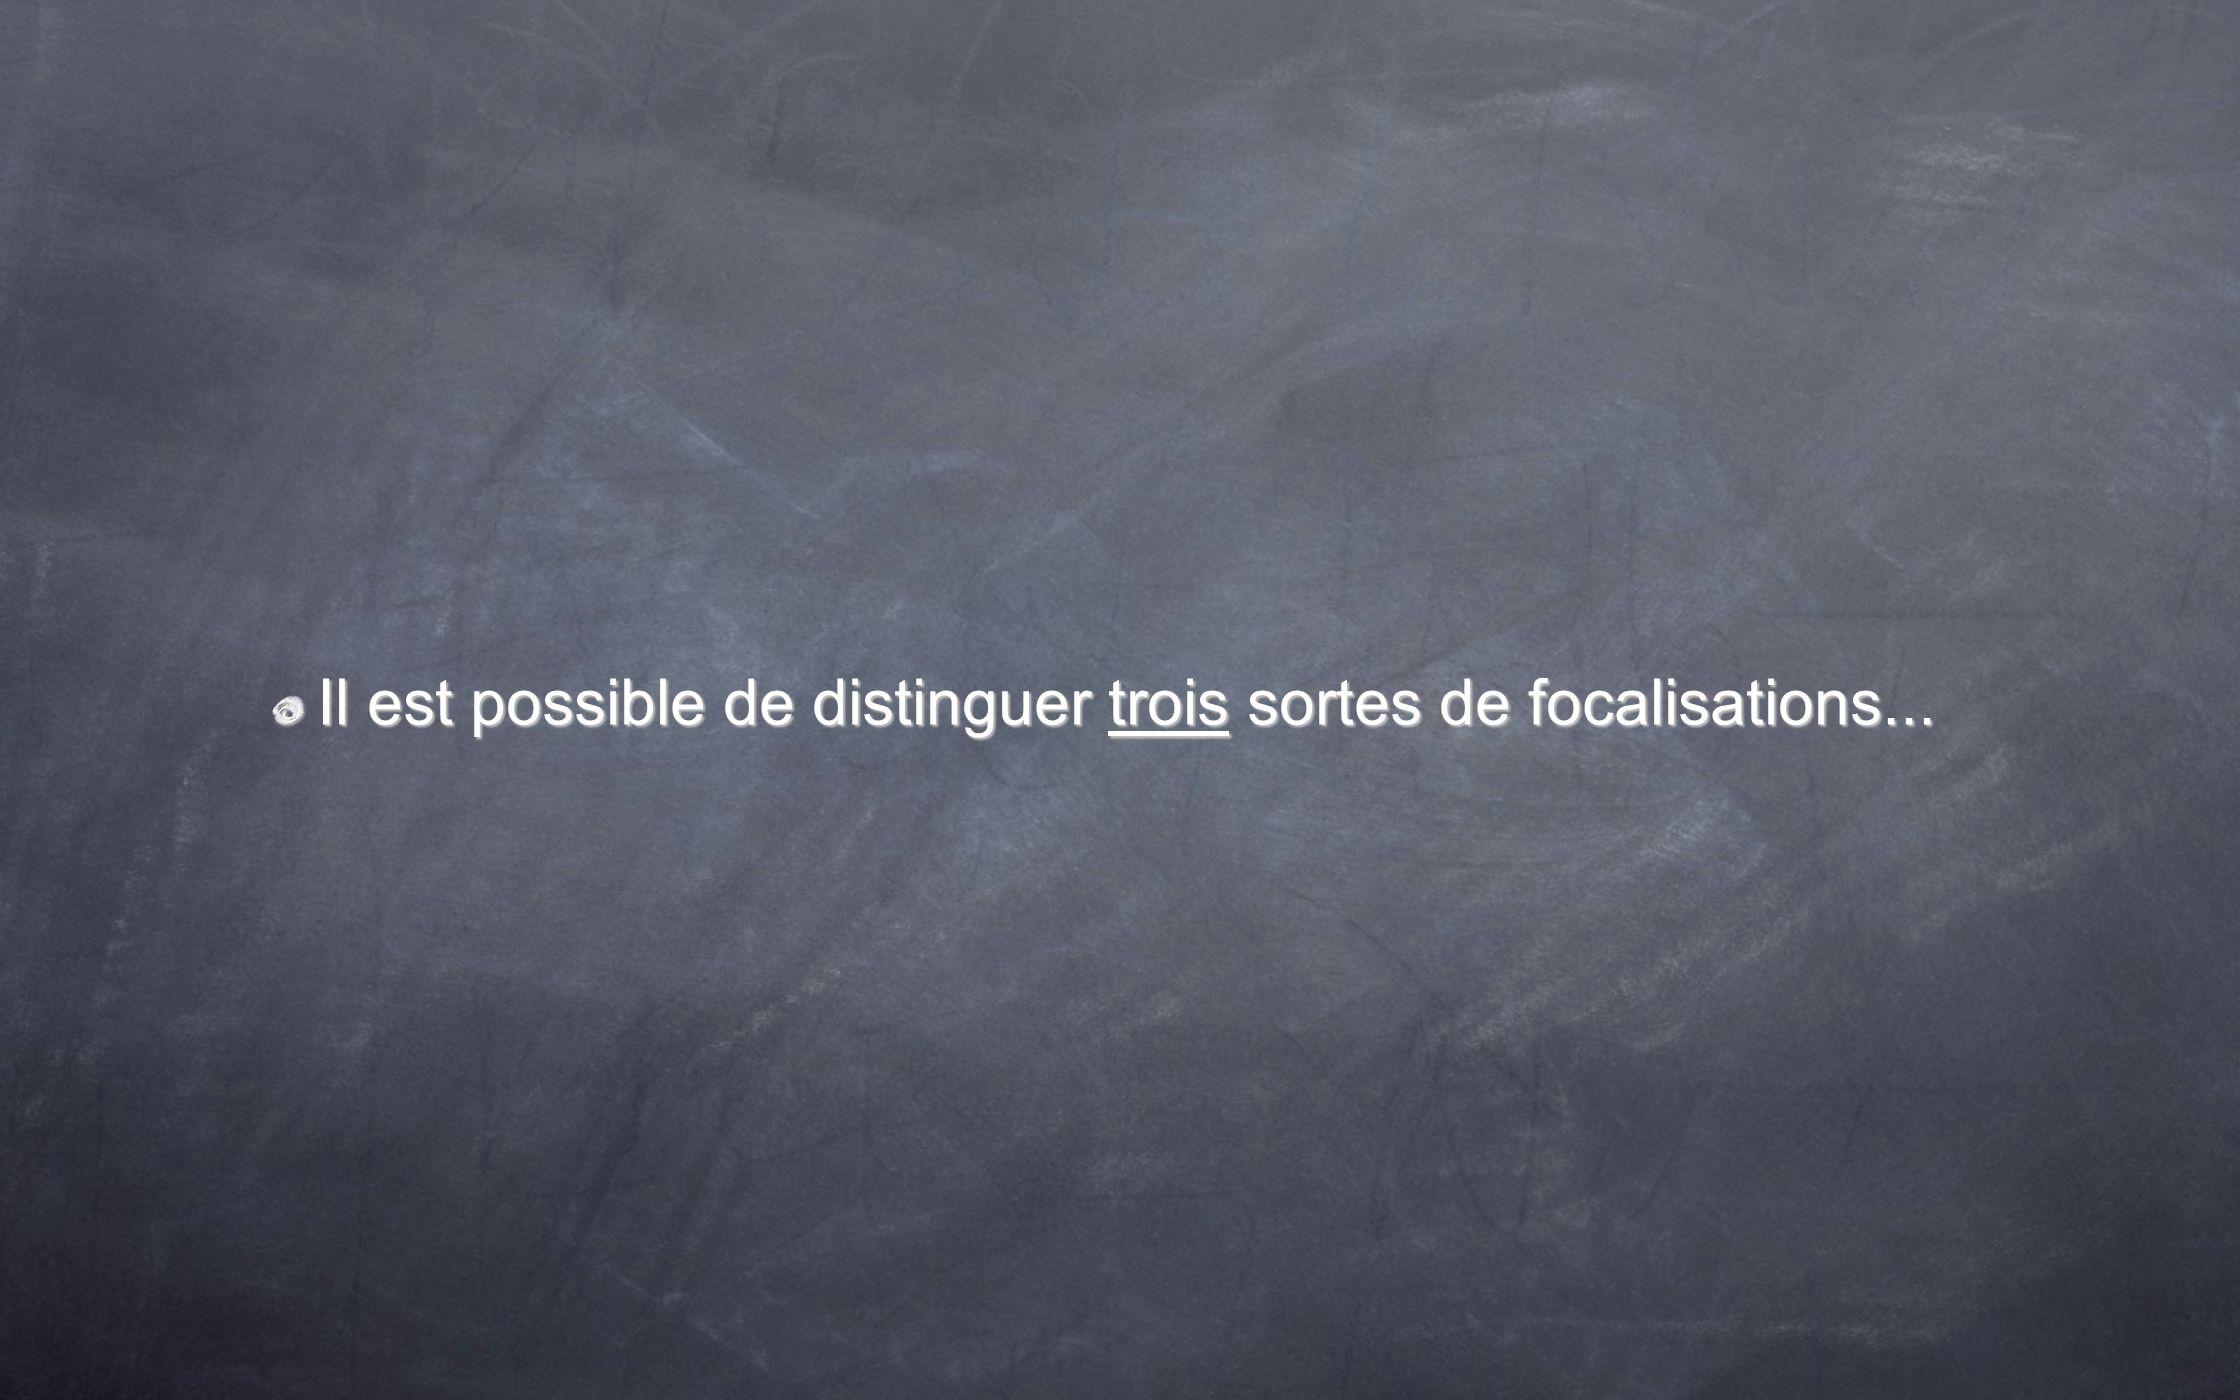 Il est possible de distinguer trois sortes de focalisations...